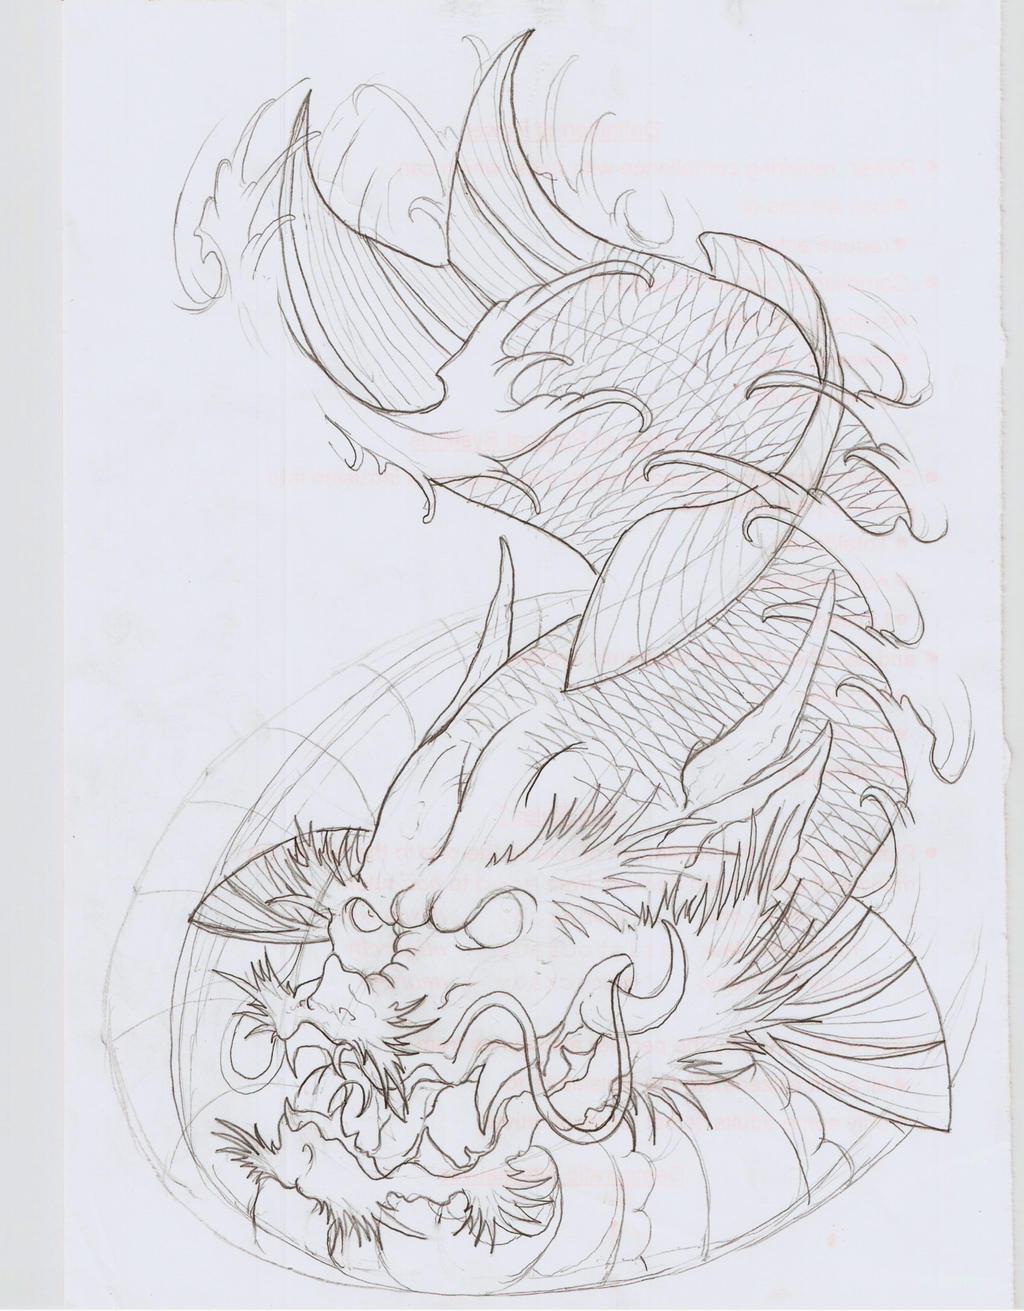 Koi dragon v outline by eltri on deviantart for Koi fish outline